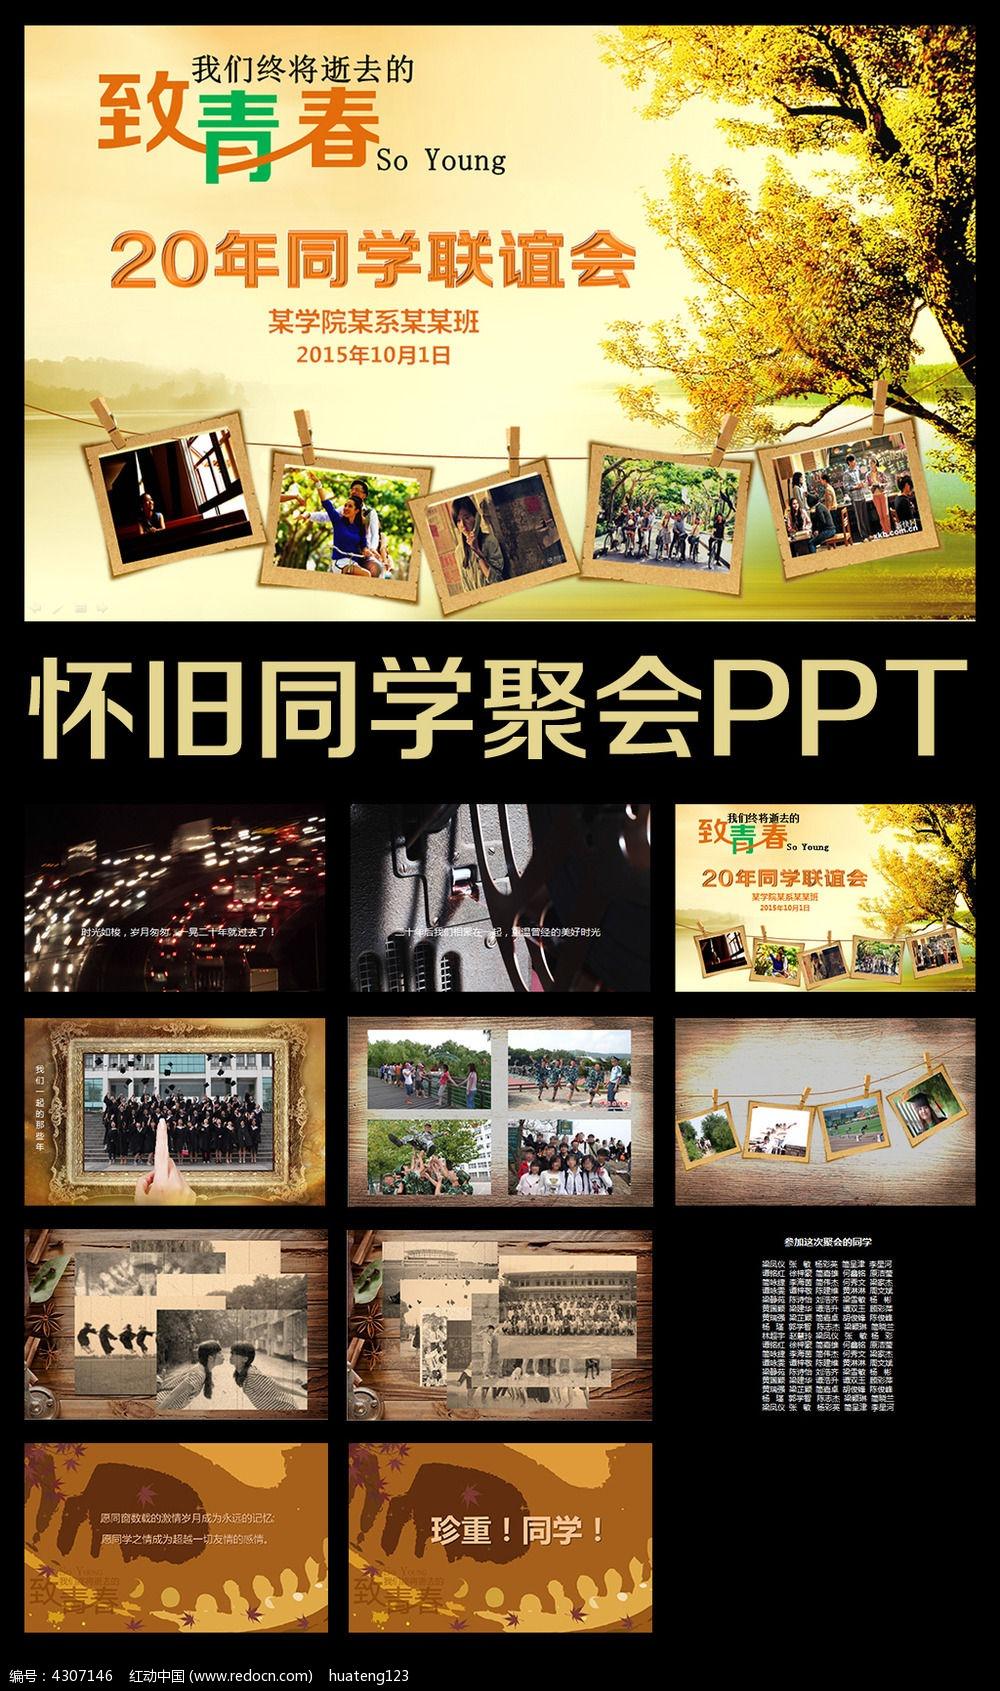 怀旧风格20年同学会PPT视频模板图片